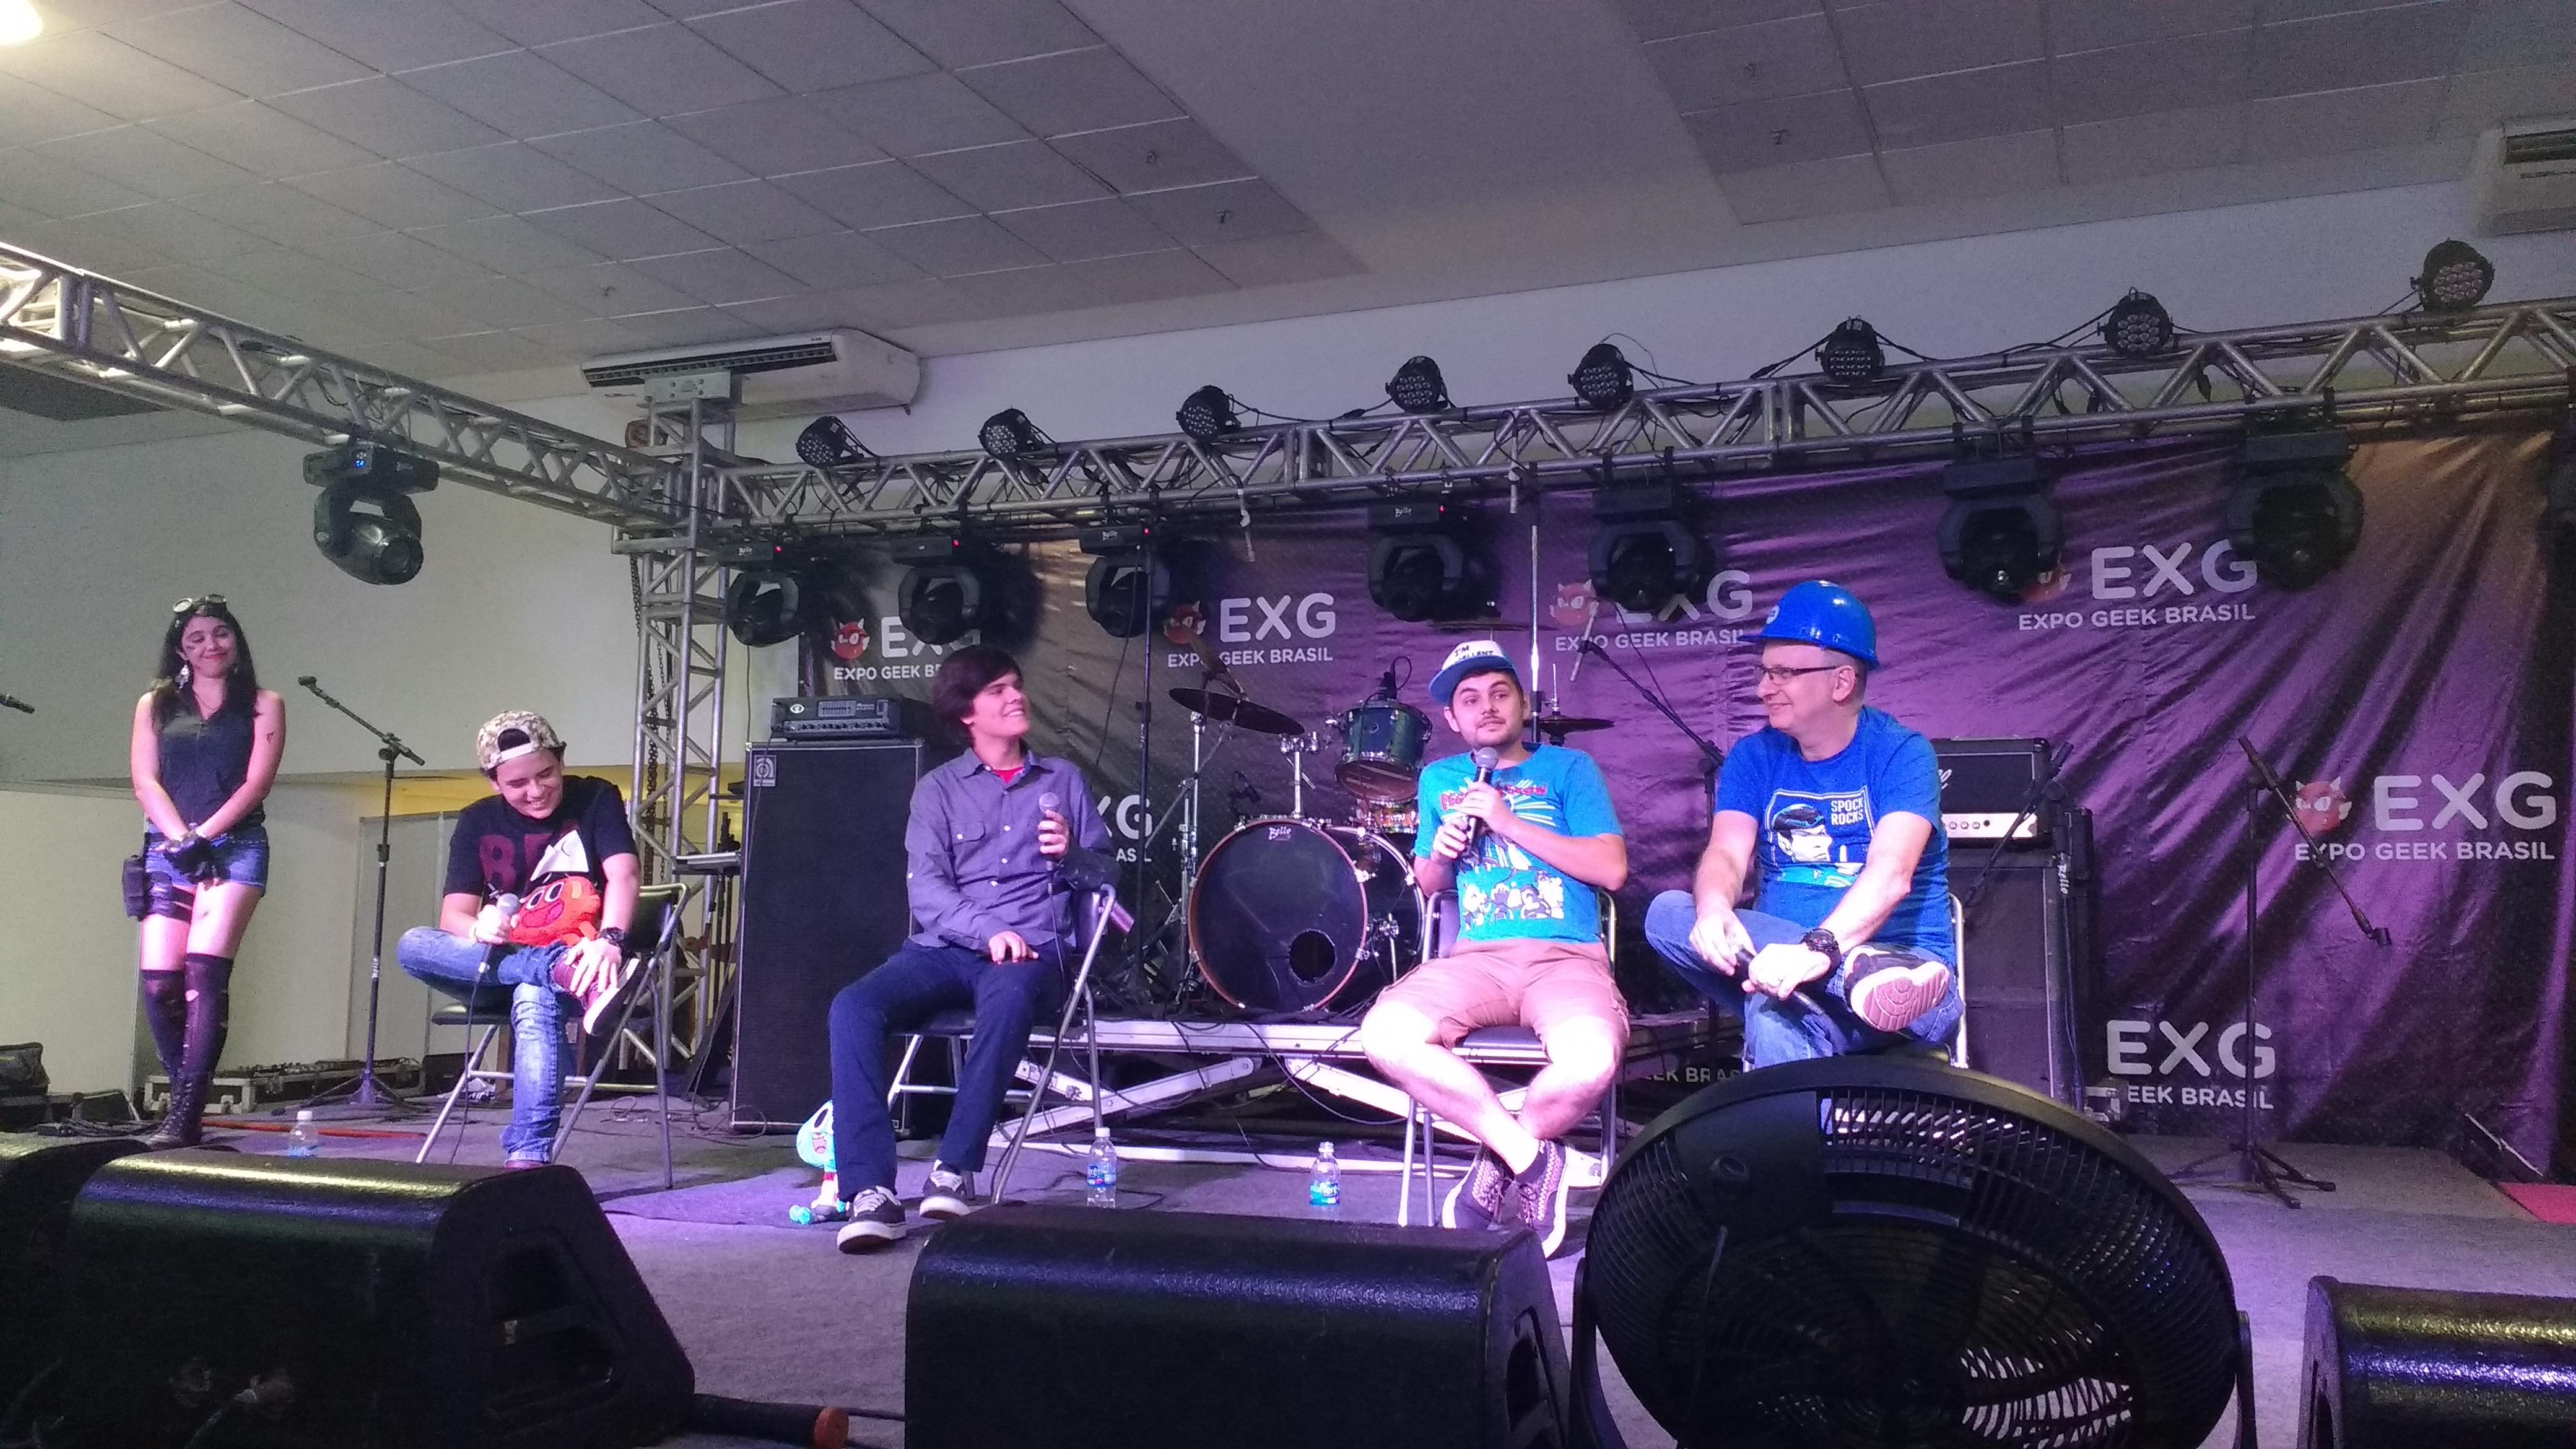 Expo Geek Brasil: saiba quais foram os melhores momentos deste super evento